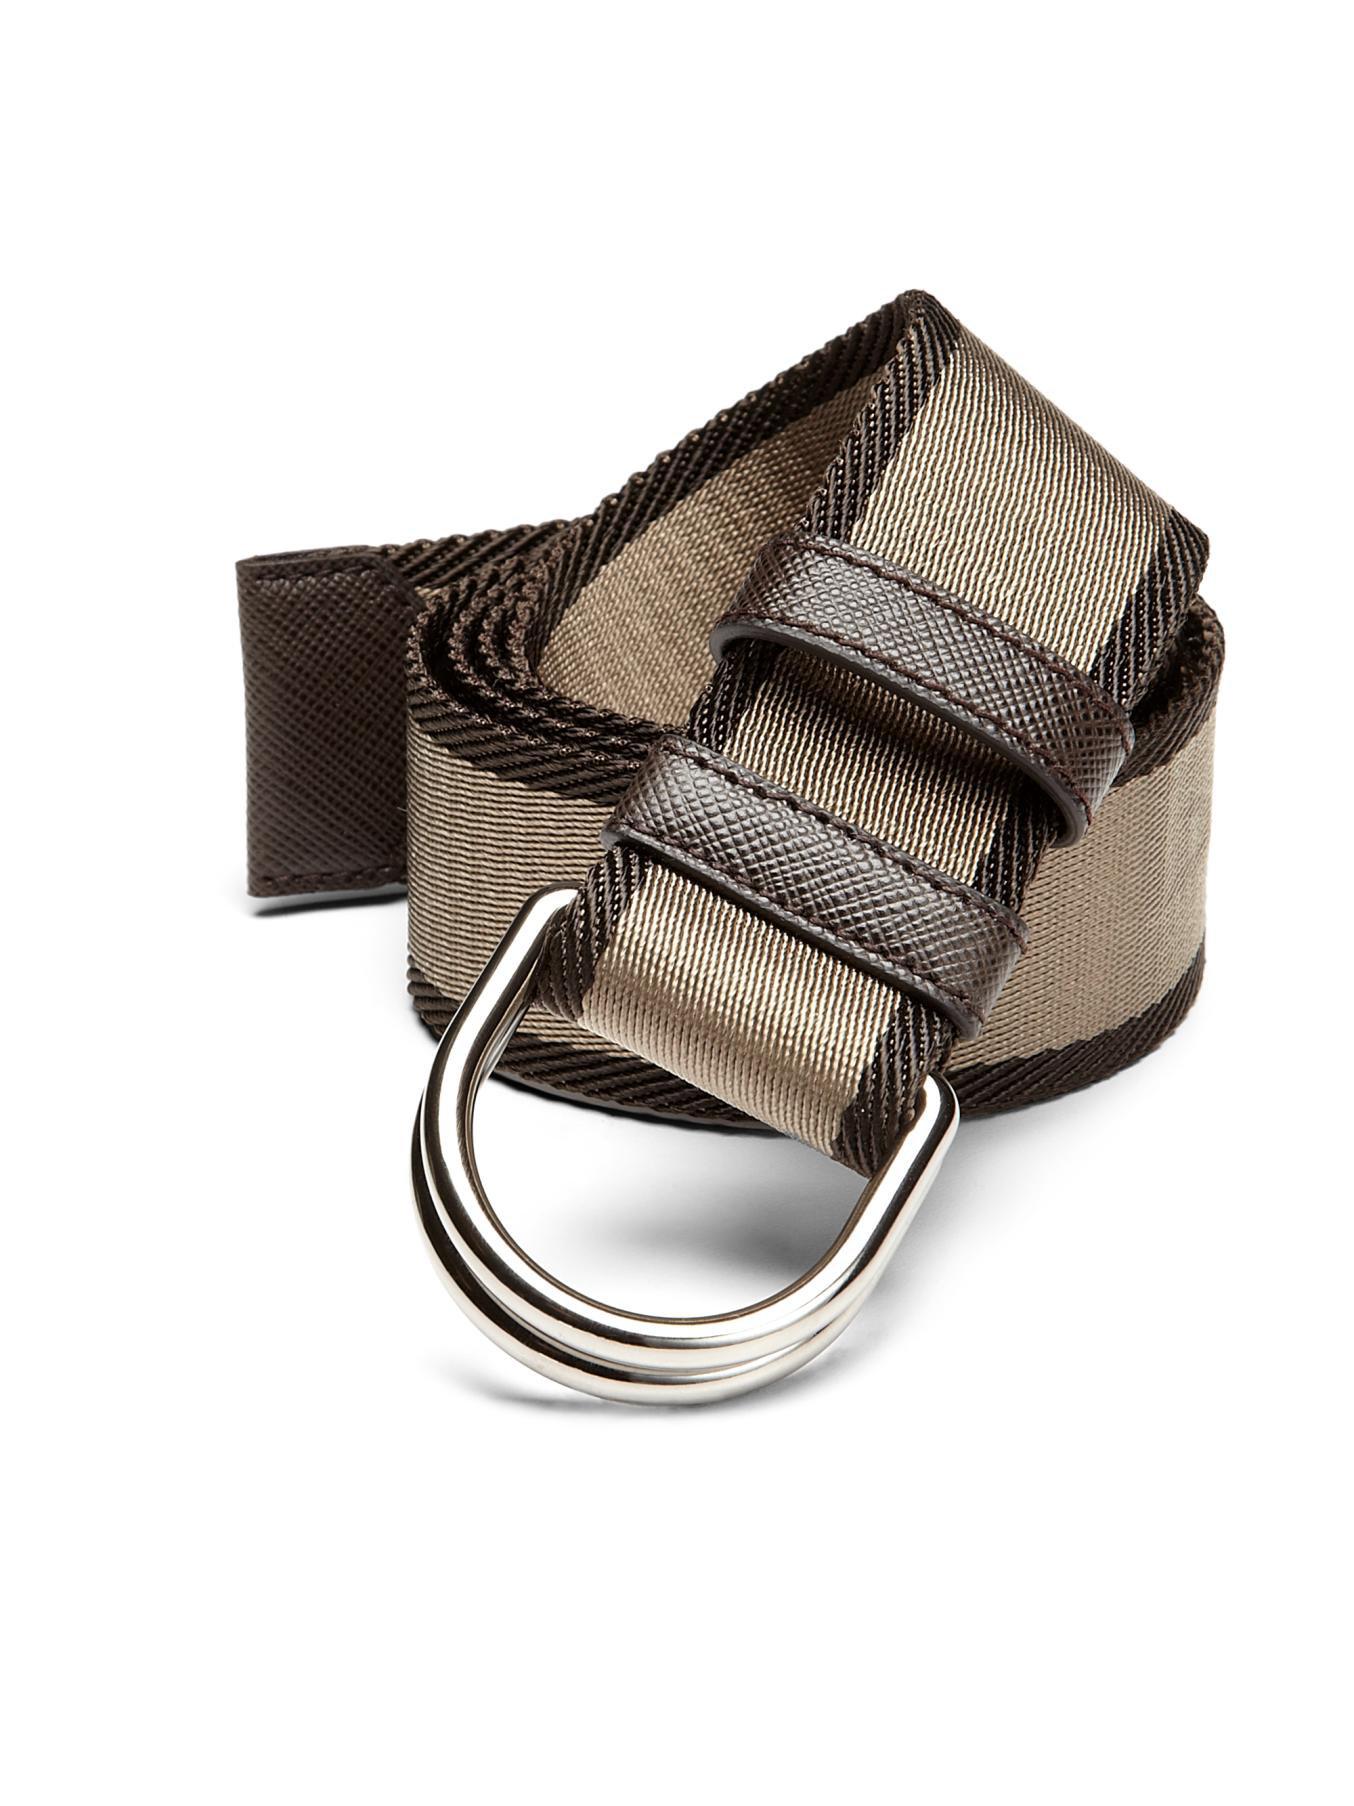 Prada Bicolor Webbed D-ring Belt in Beige (CAMEL) | Lyst